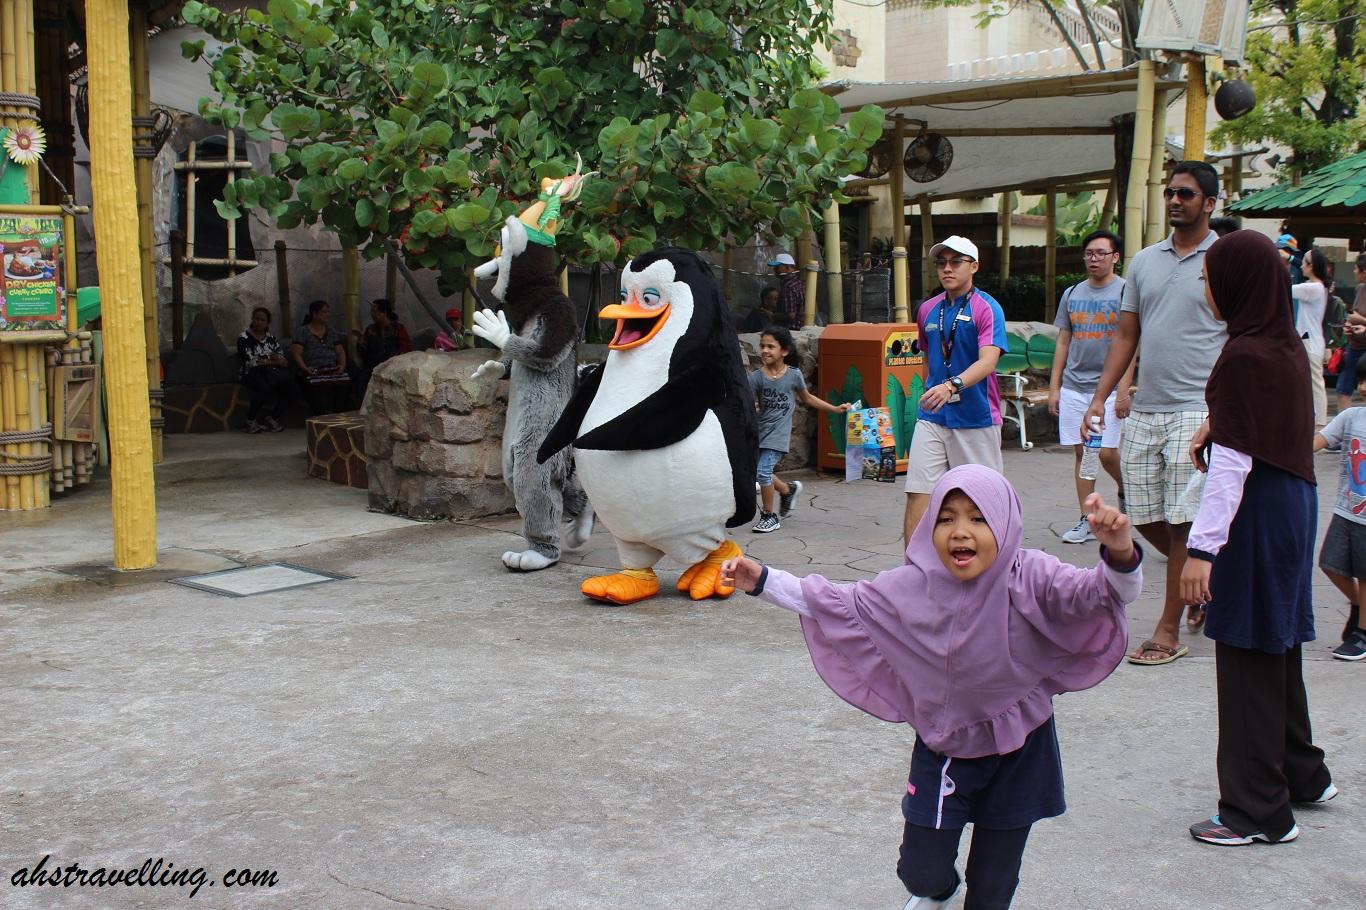 Jalan Ke Uss Universal Studios Singapore Ahs Travelling Tiket Studio Singapura Anak Bahagia Itu Adalah Ketika Melihat Keceriaan Terpancar Terang Dari Wajah